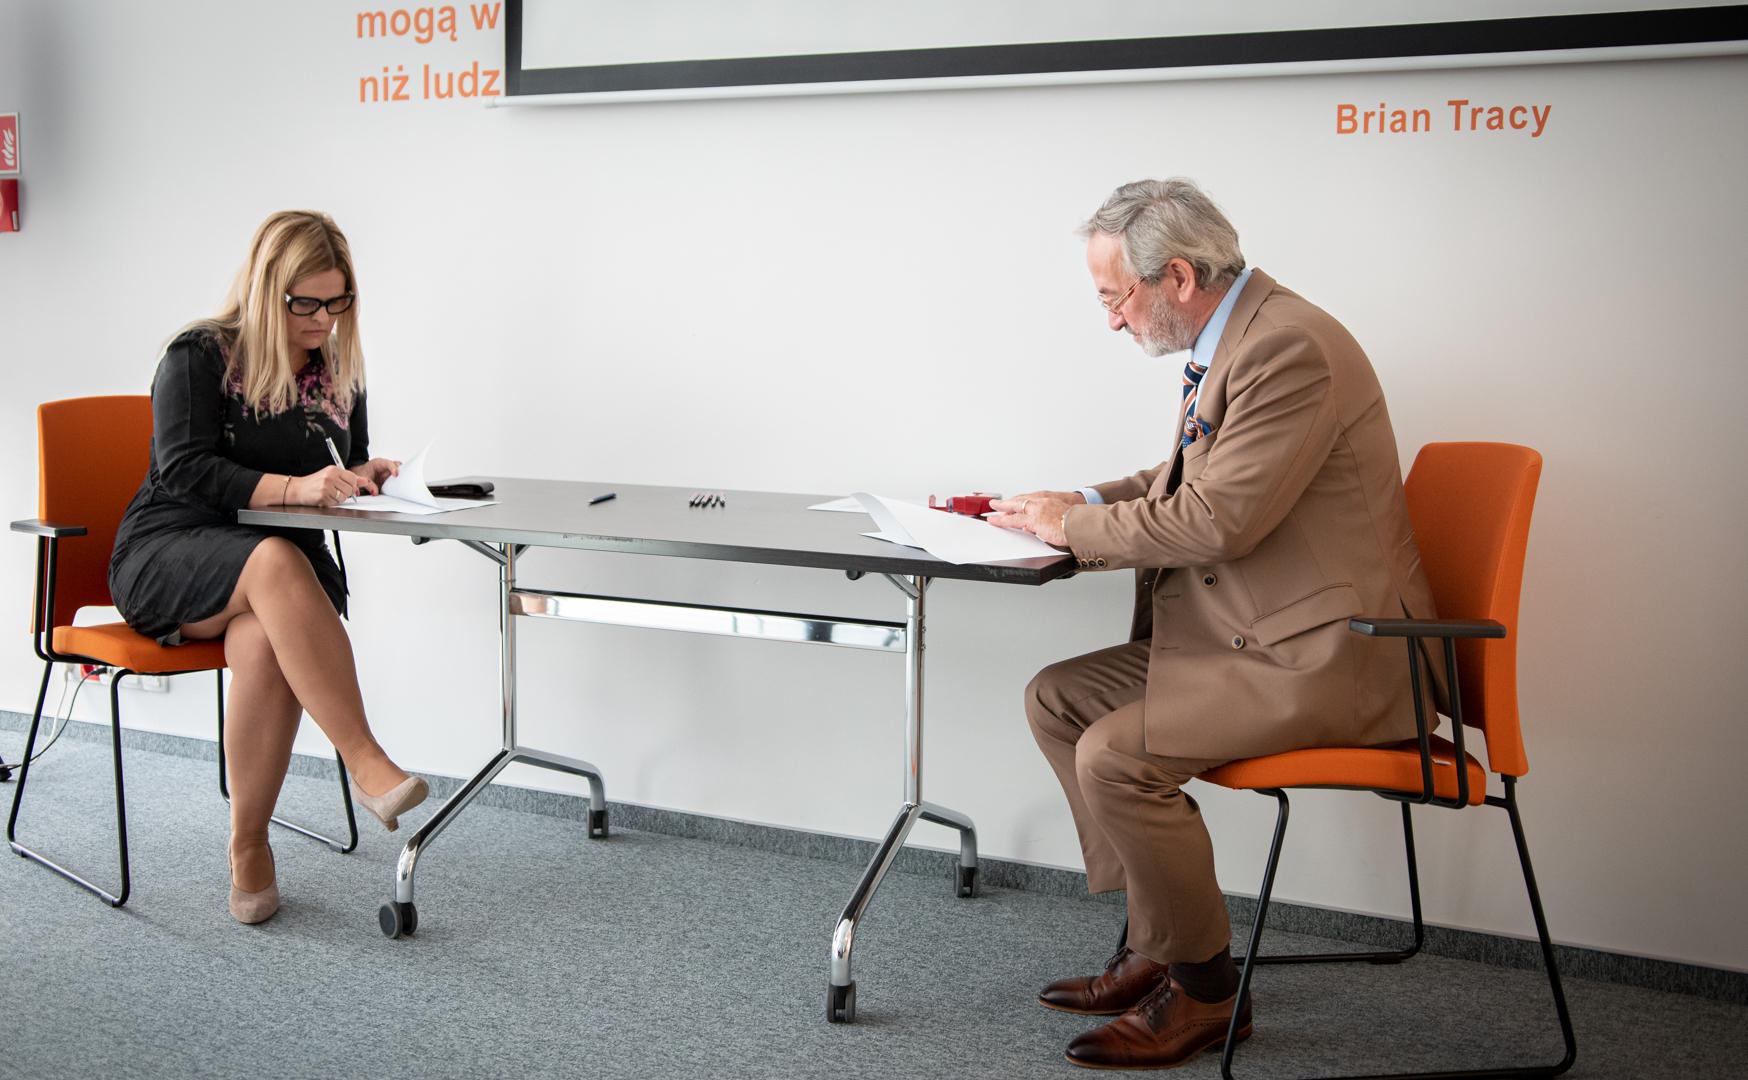 Na zdjęciu ceremonia podpisania jednej z umów ambasadorskich przez dyrektora urzędu pracy i jednej ze szkół